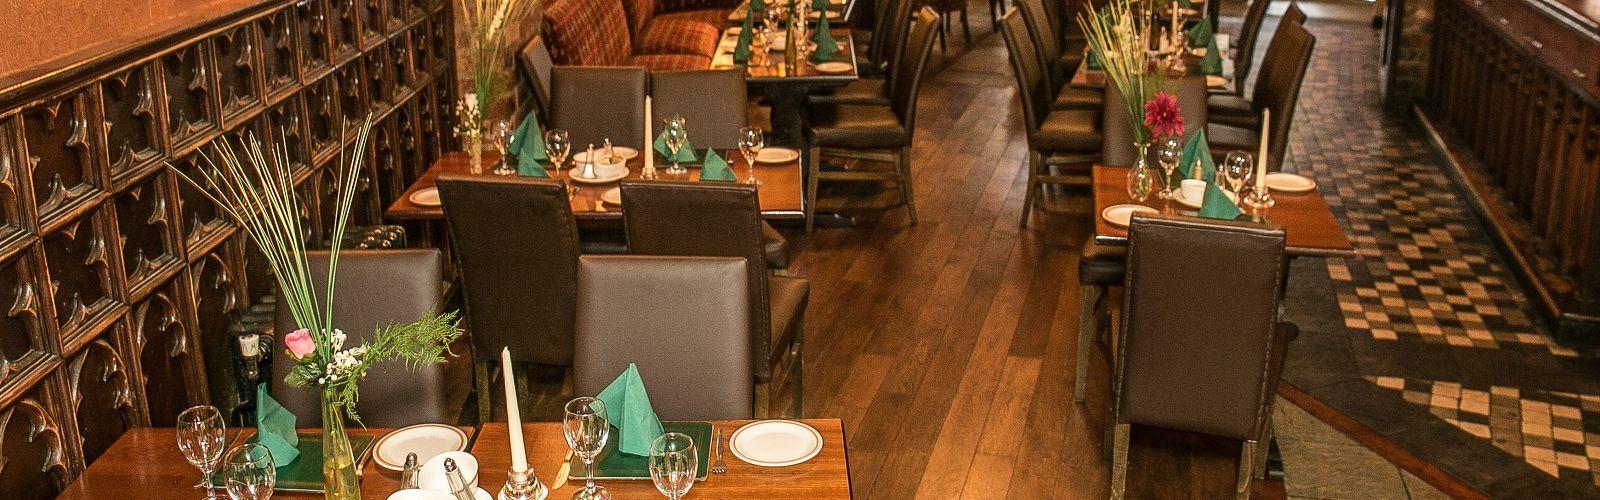 Dining In Kilkenny